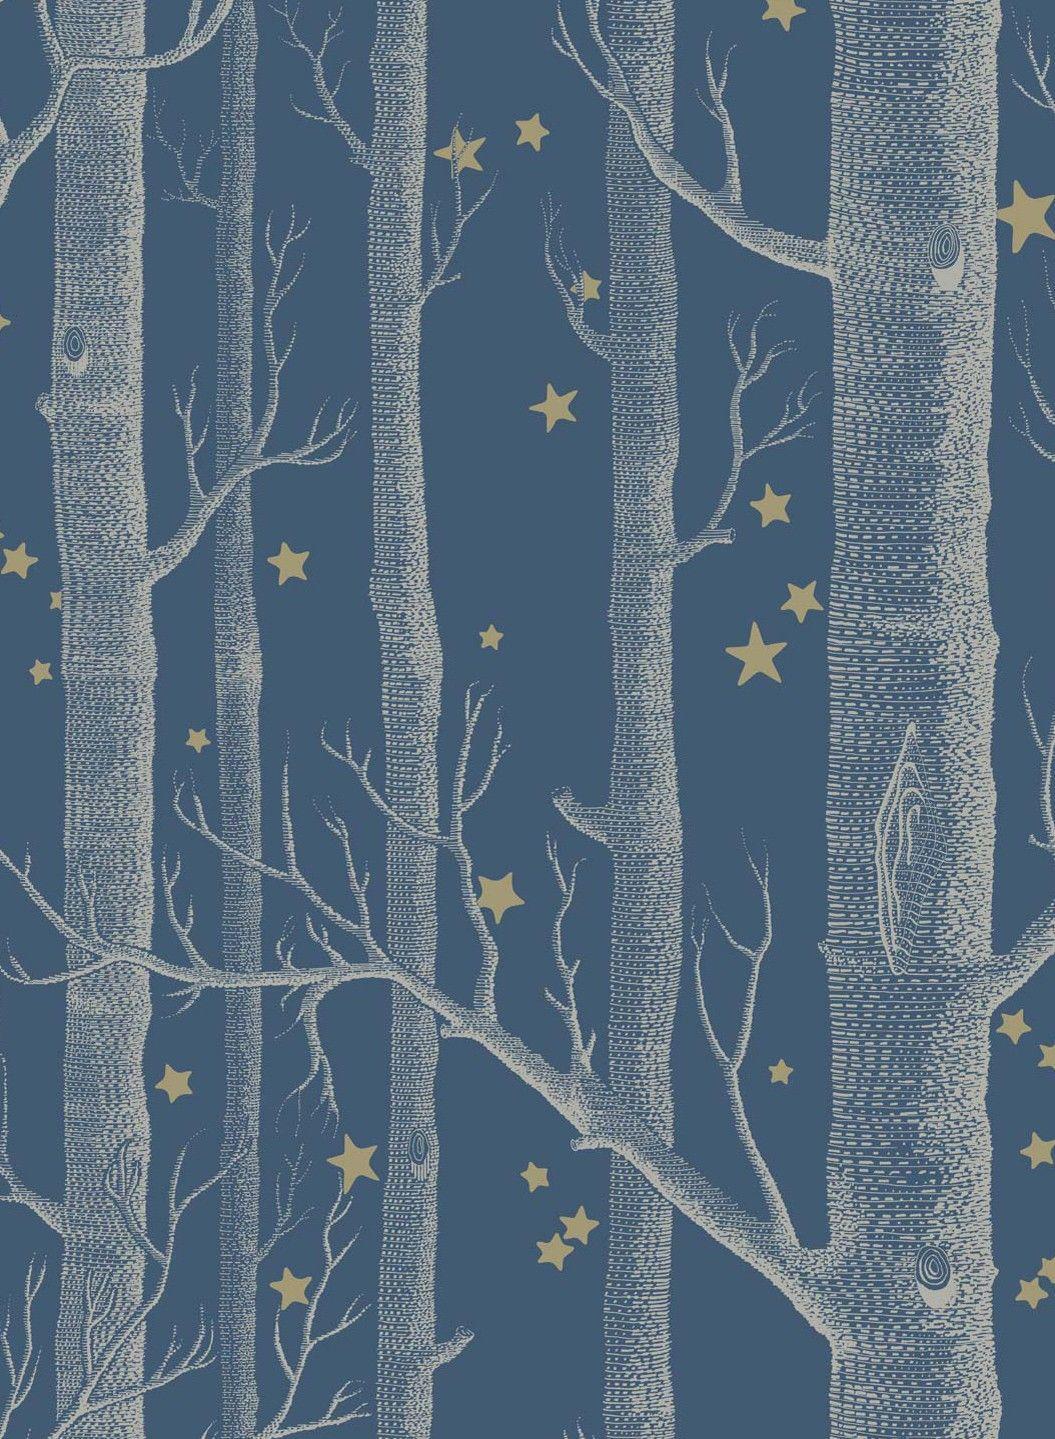 Papier Peint Woods And Stars Blanc Sur Bleu Fonce De Cole And Son